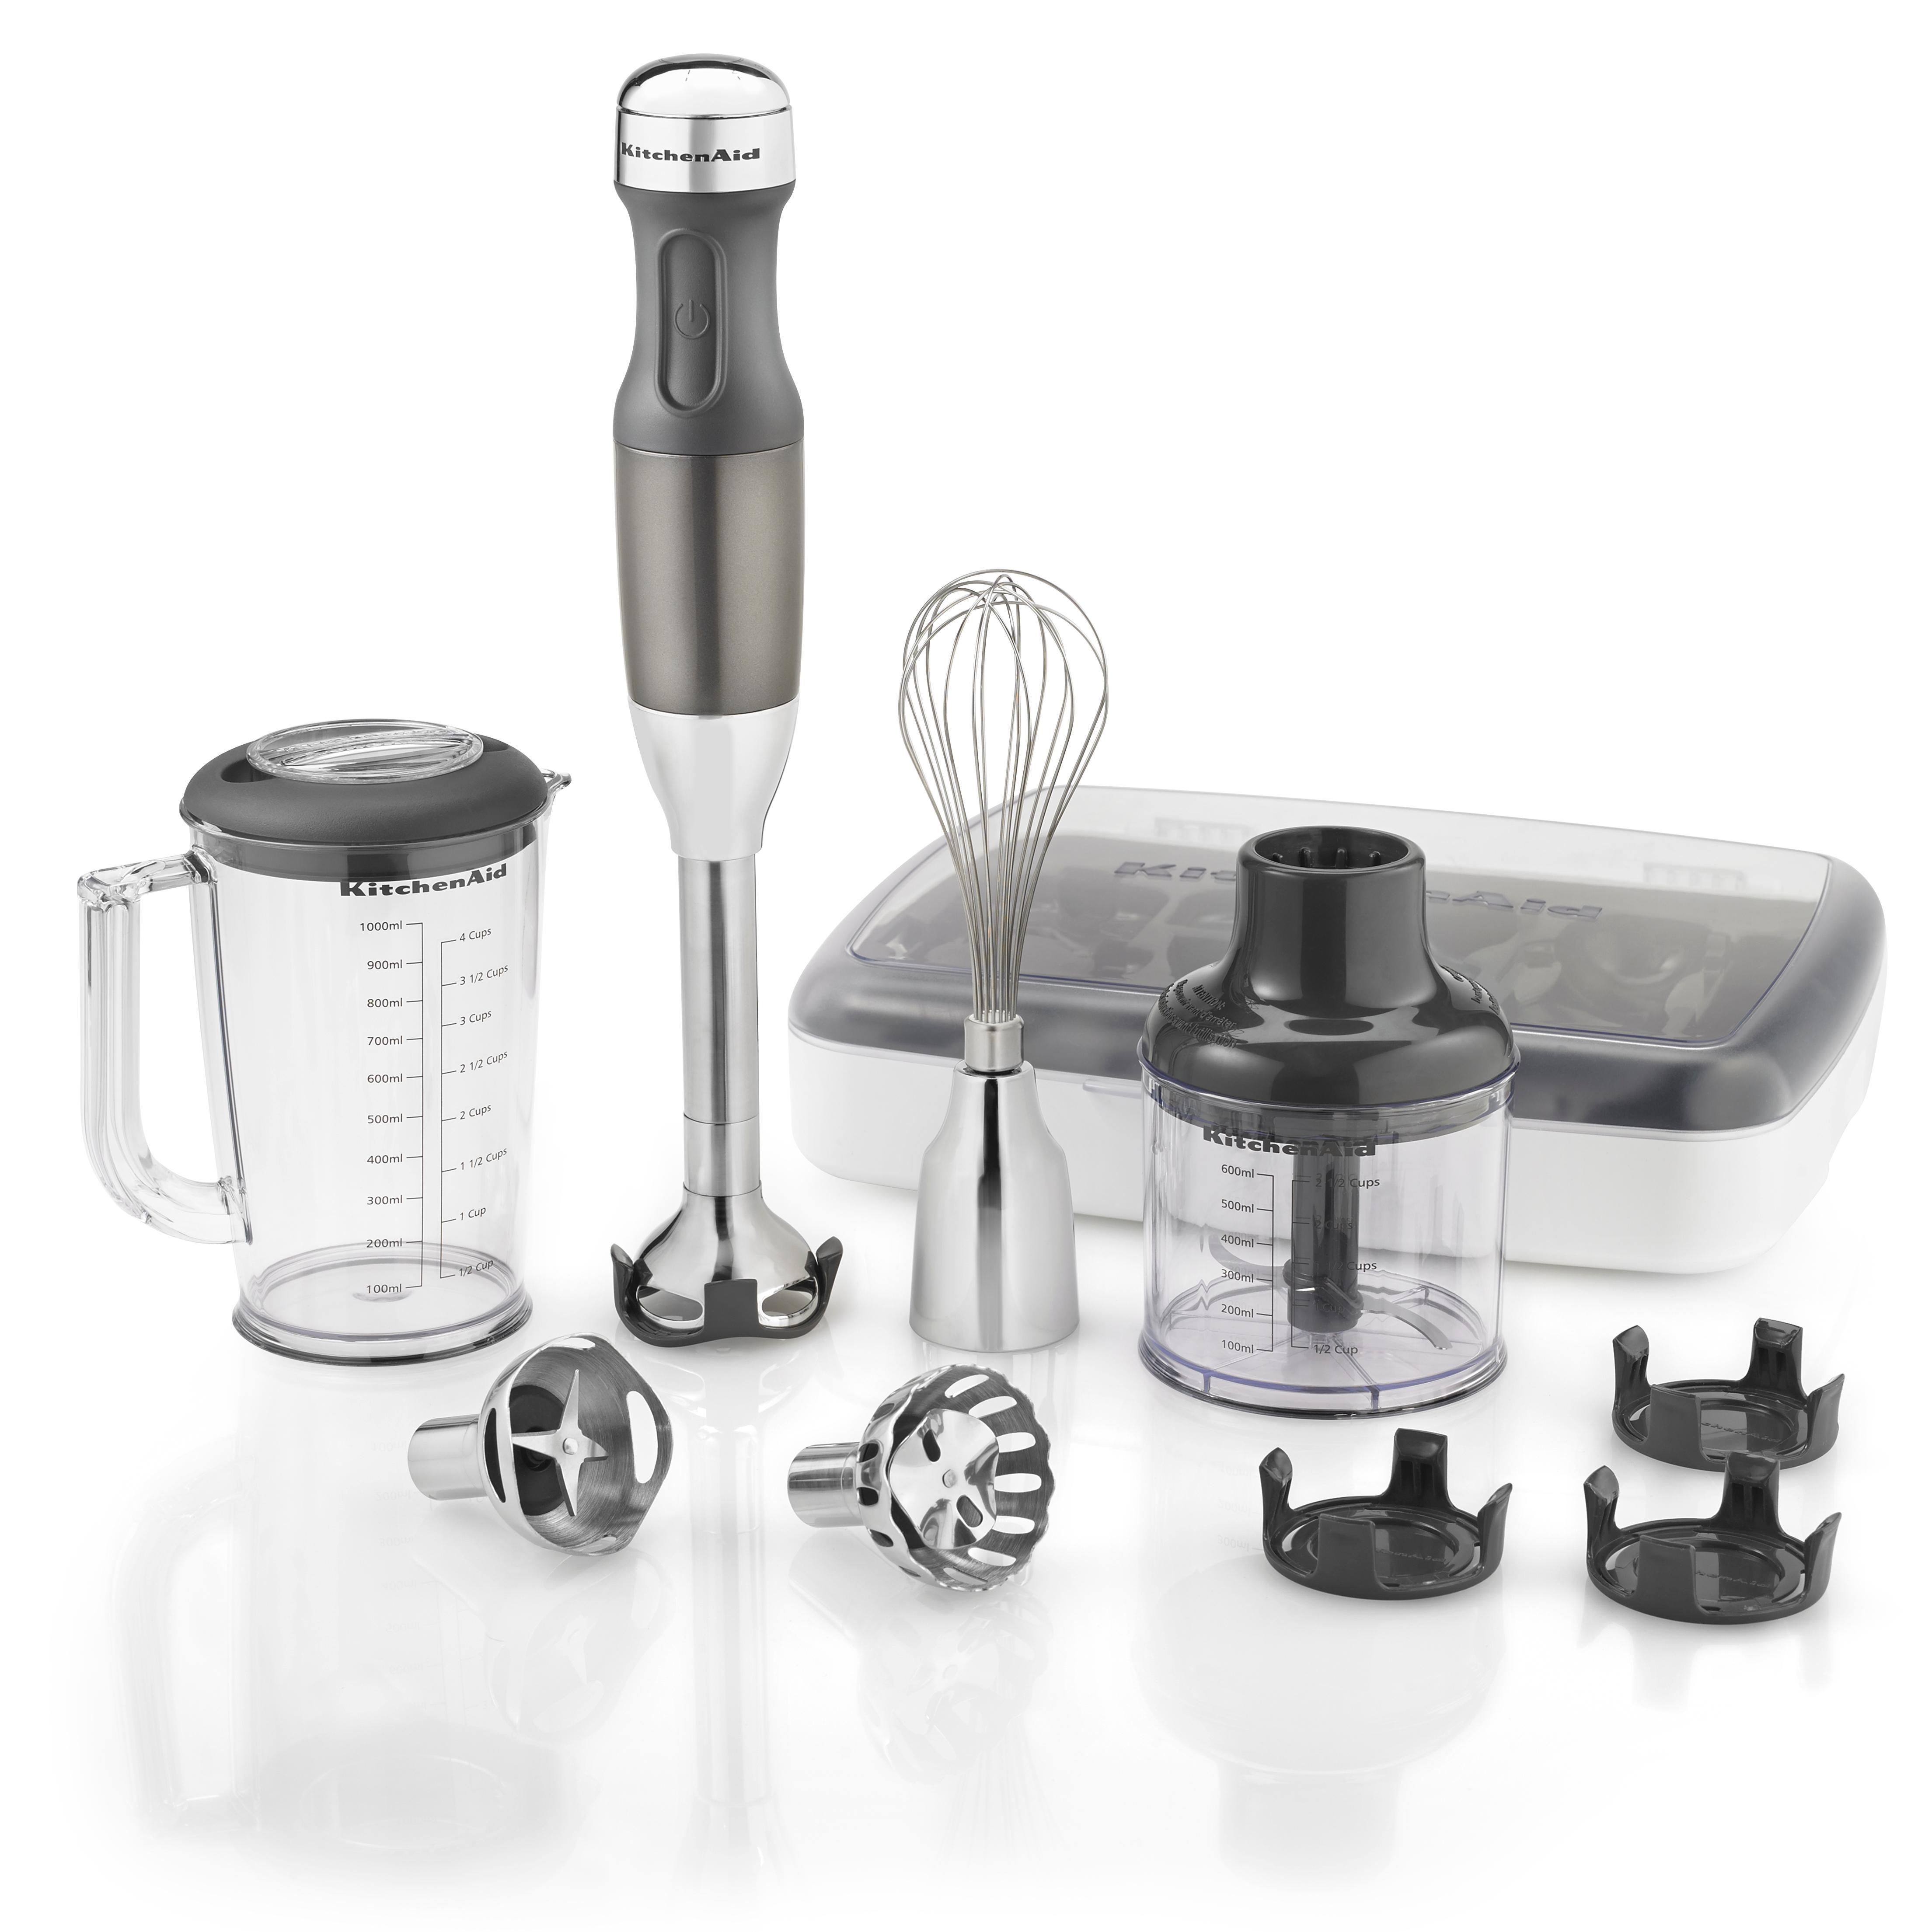 Kitchenaid 5 Speed Hand Blender ~ Amazon kitchenaid khb cu speed hand blender